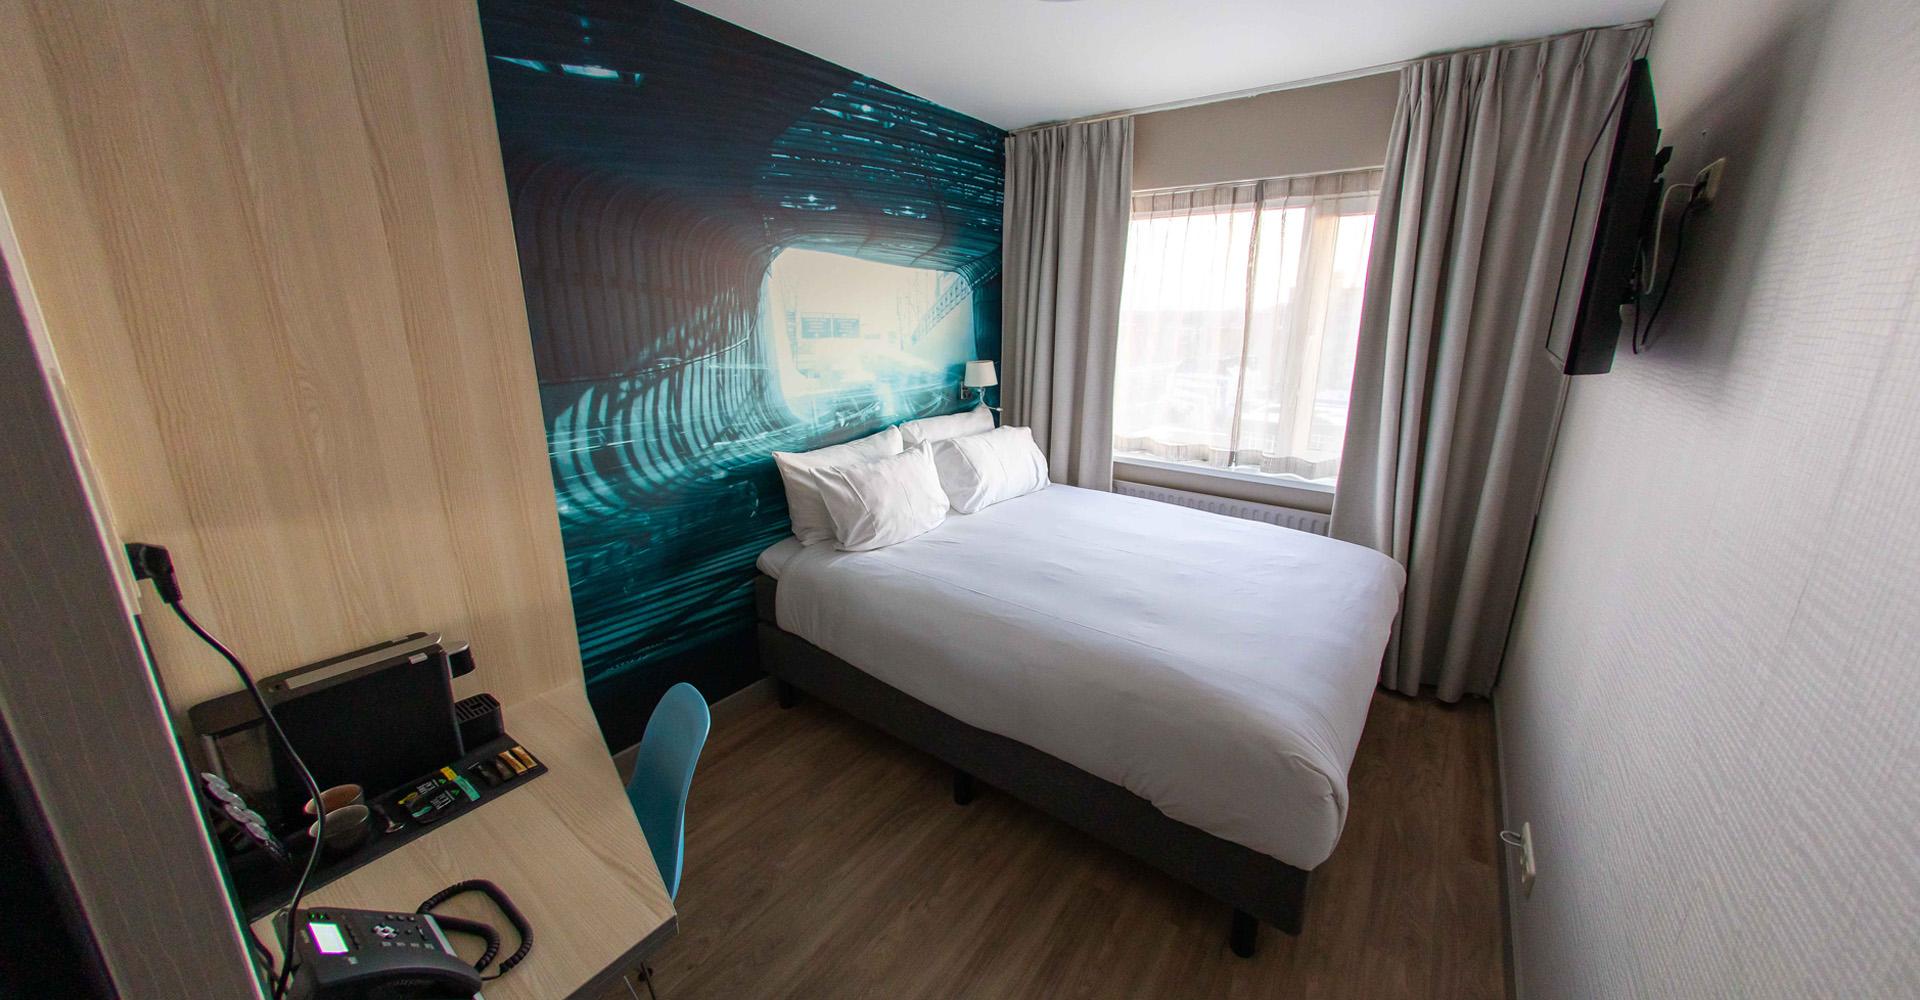 Economy tweepersoonskamer - Hotel Haarhuis - slider.jpg